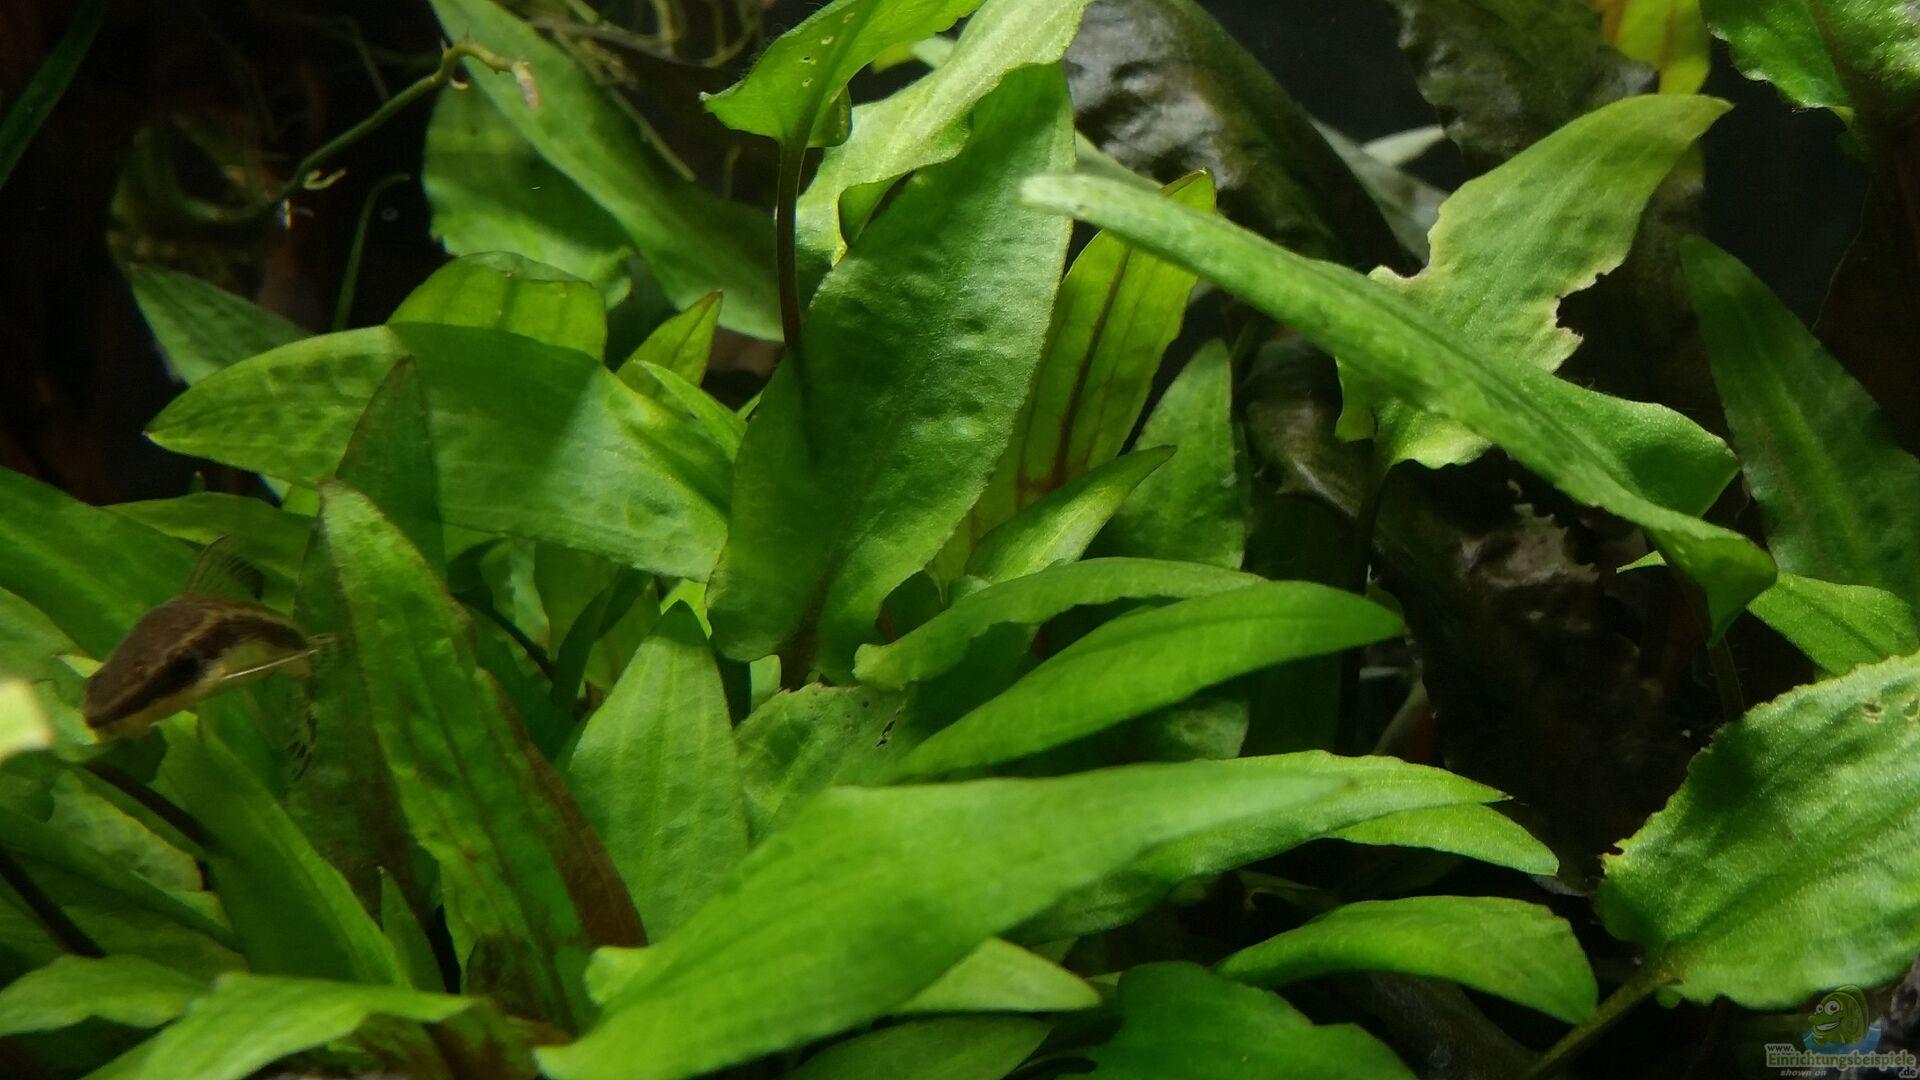 pflanzen im aquarium kleine fische aus kleine fische von. Black Bedroom Furniture Sets. Home Design Ideas